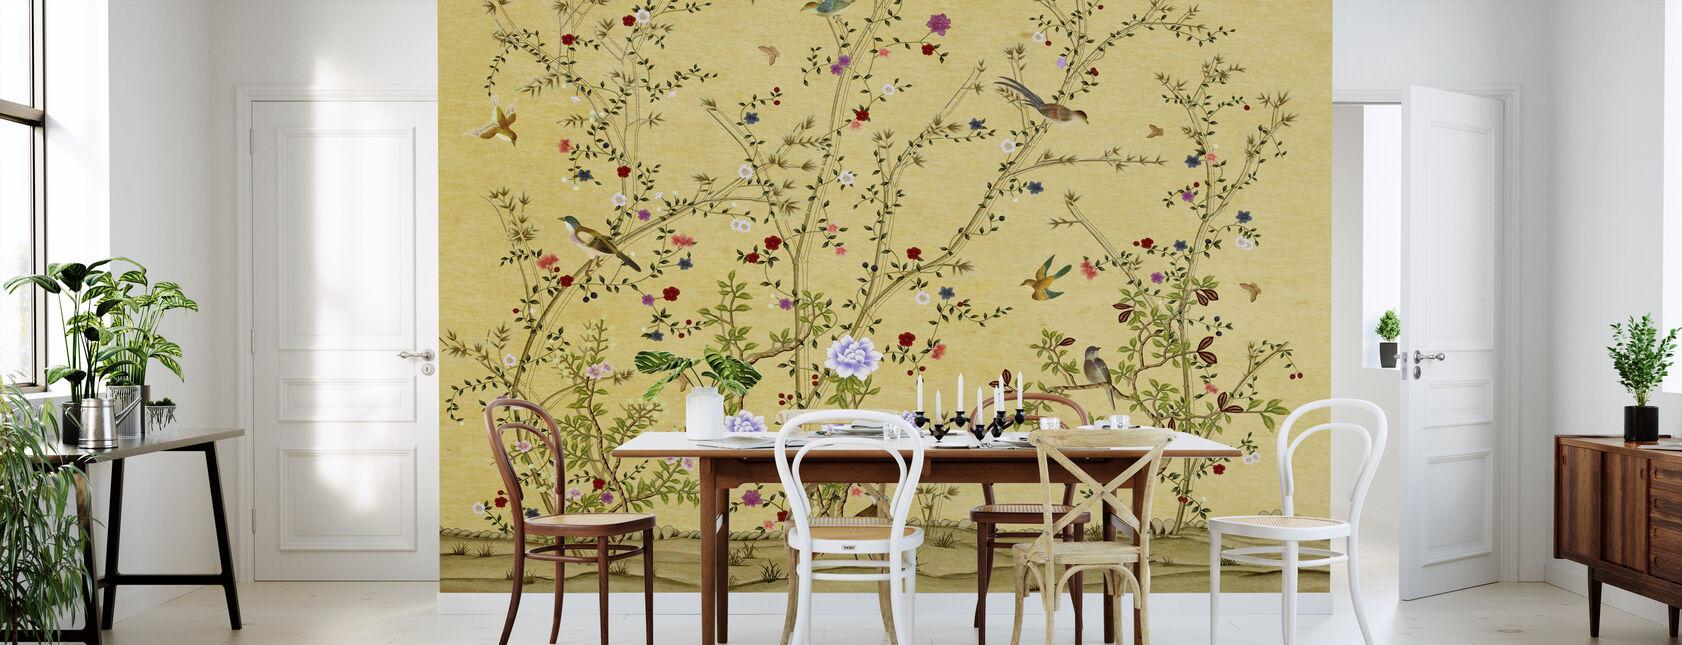 Birds on Branches - Wallpaper - Kitchen